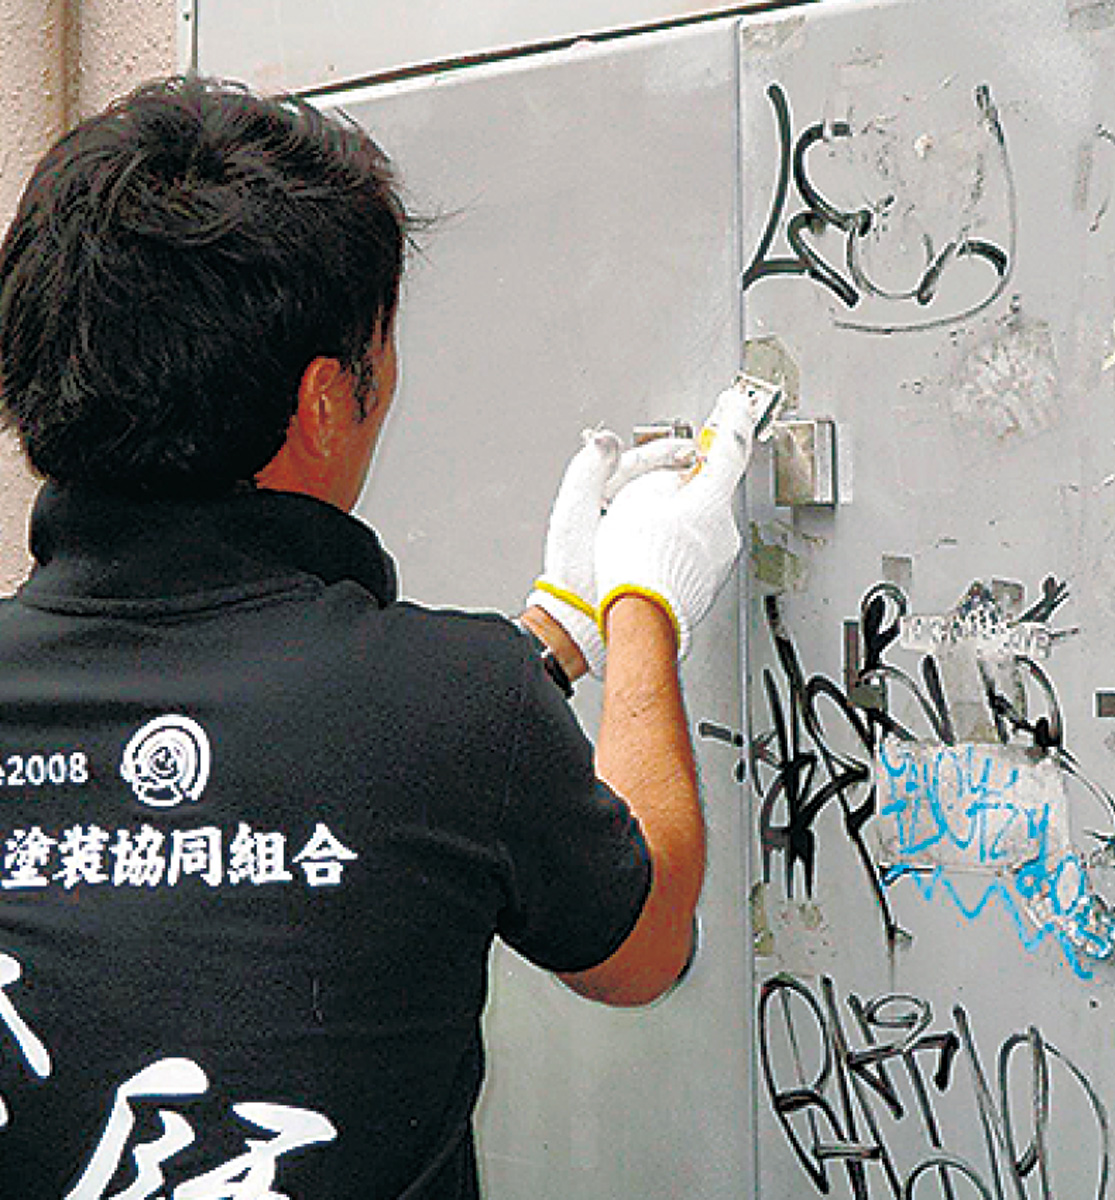 街の美化に技術で貢献